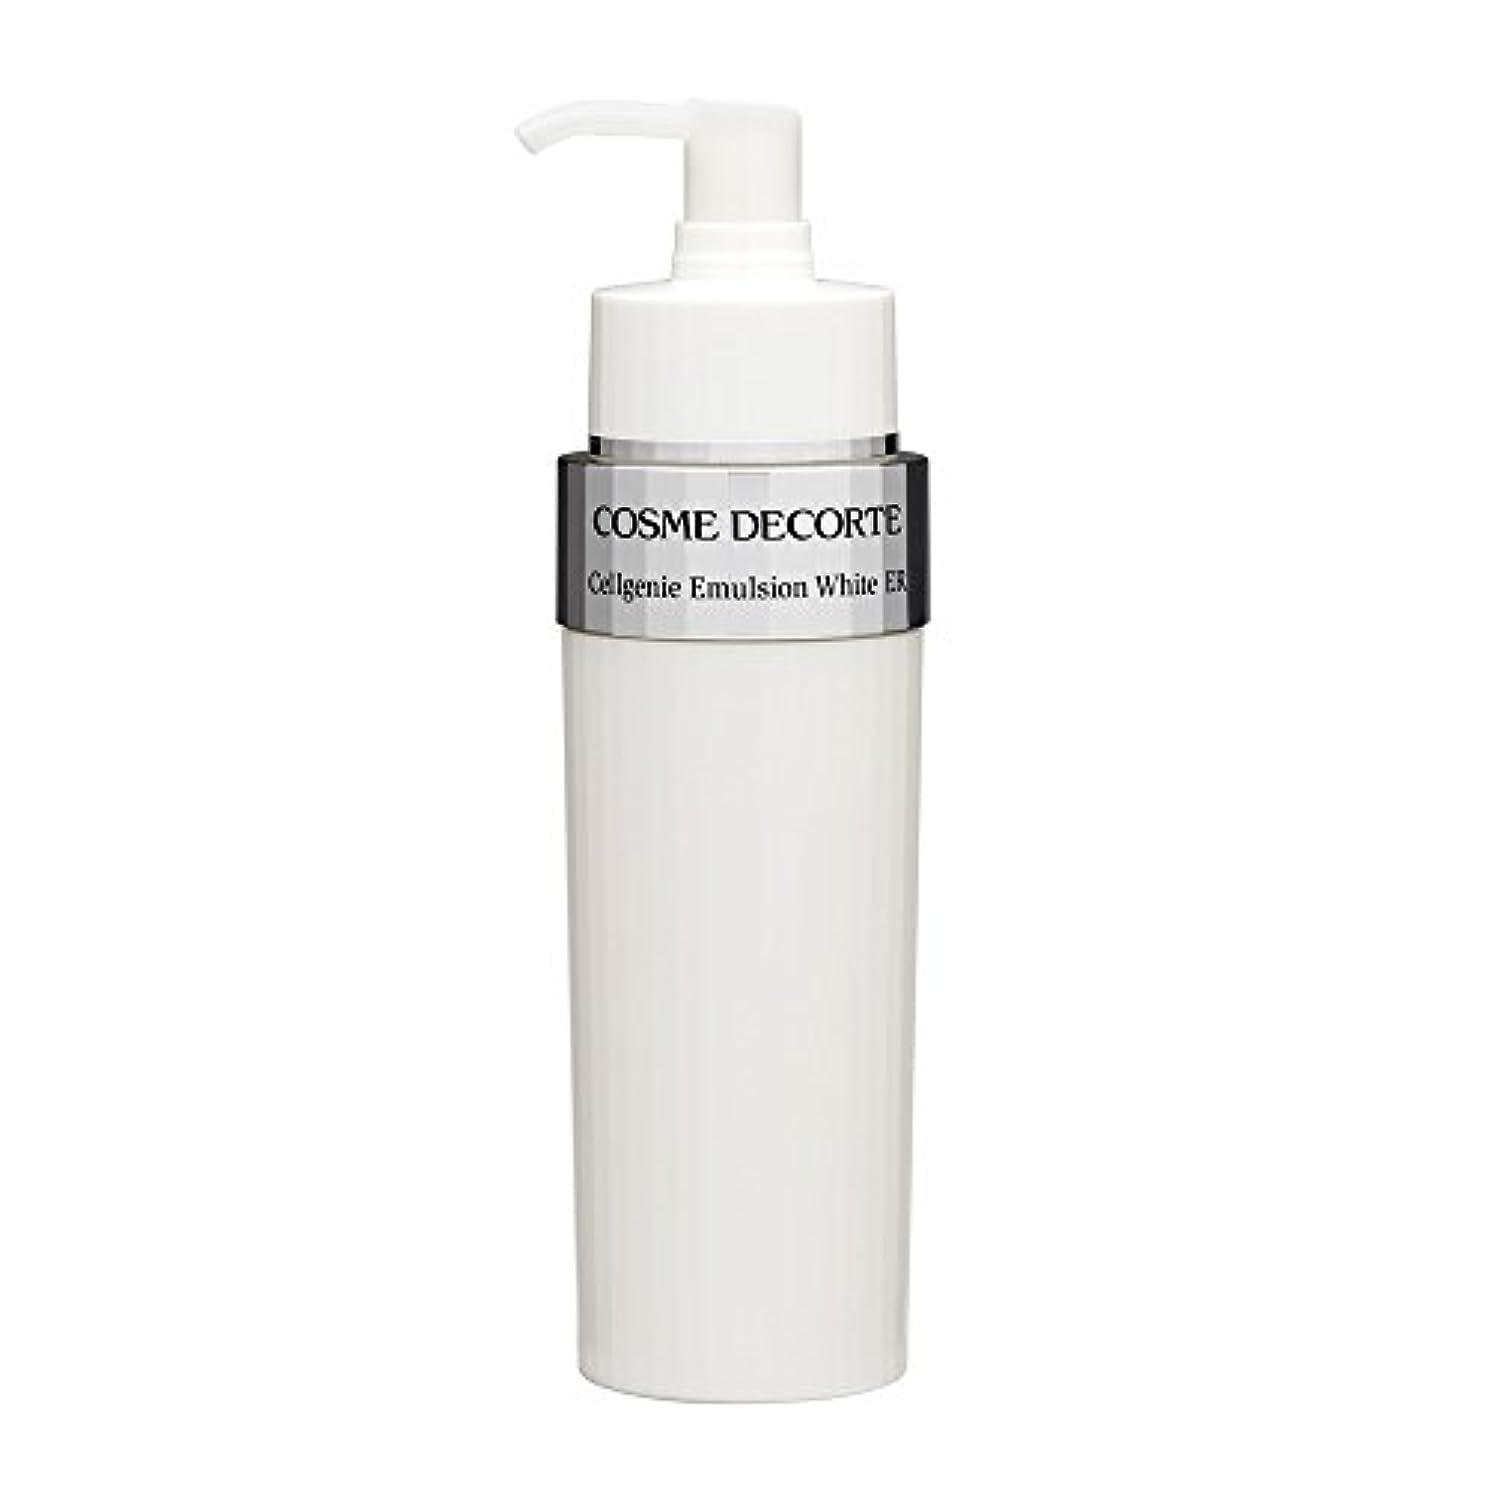 従う正当化するサロンCOSME DECORTE コーセー/KOSE セルジェニーエマルジョンホワイトER 200ml [362909] [並行輸入品]